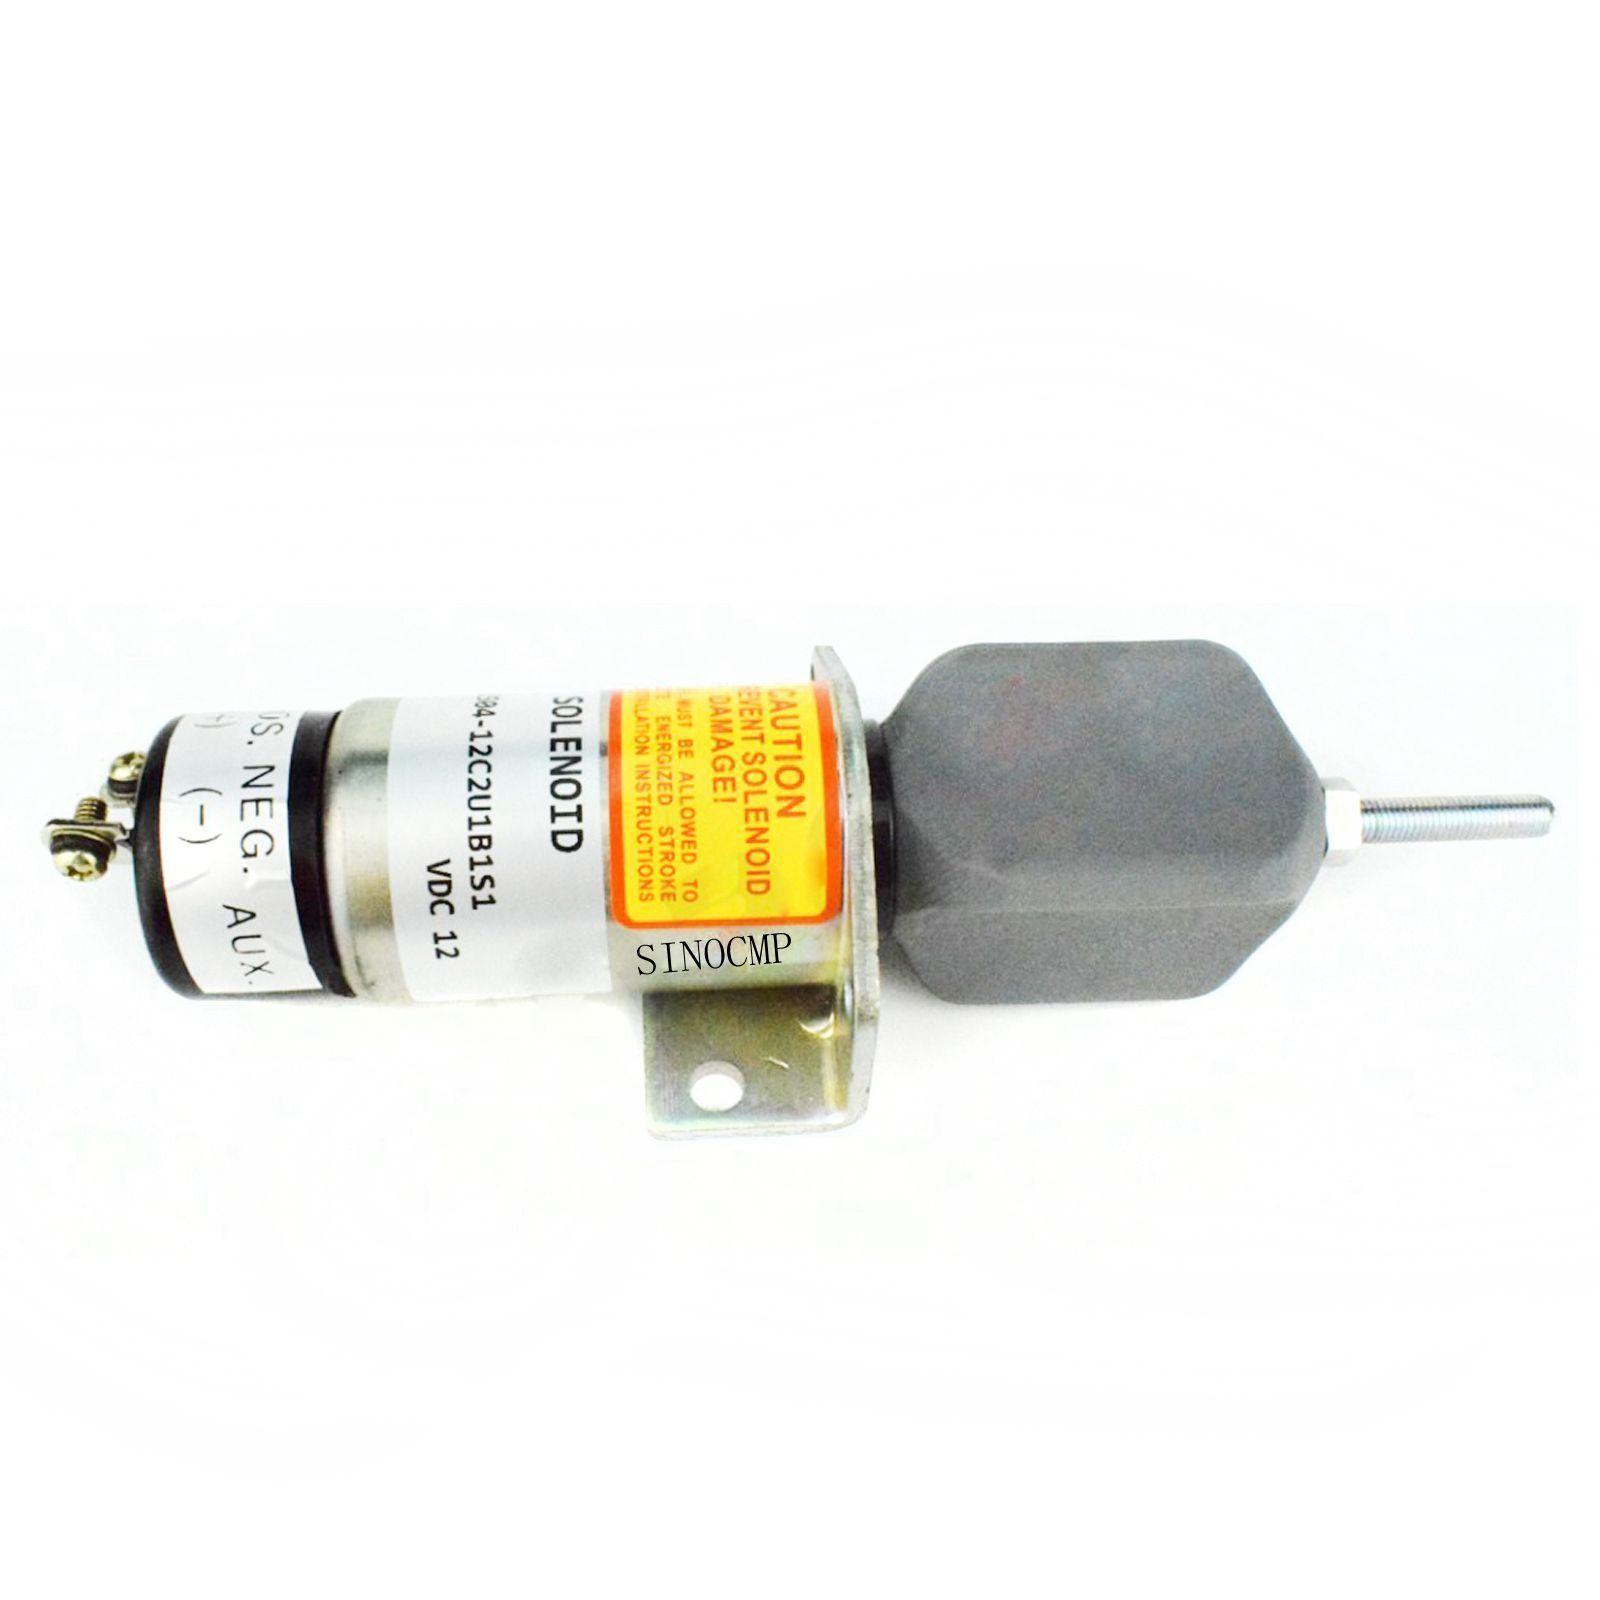 SINOCMP 1504-12C2U1B1S1 Shutoff Solenoid For Synchro Start Kubota DF-750 12V